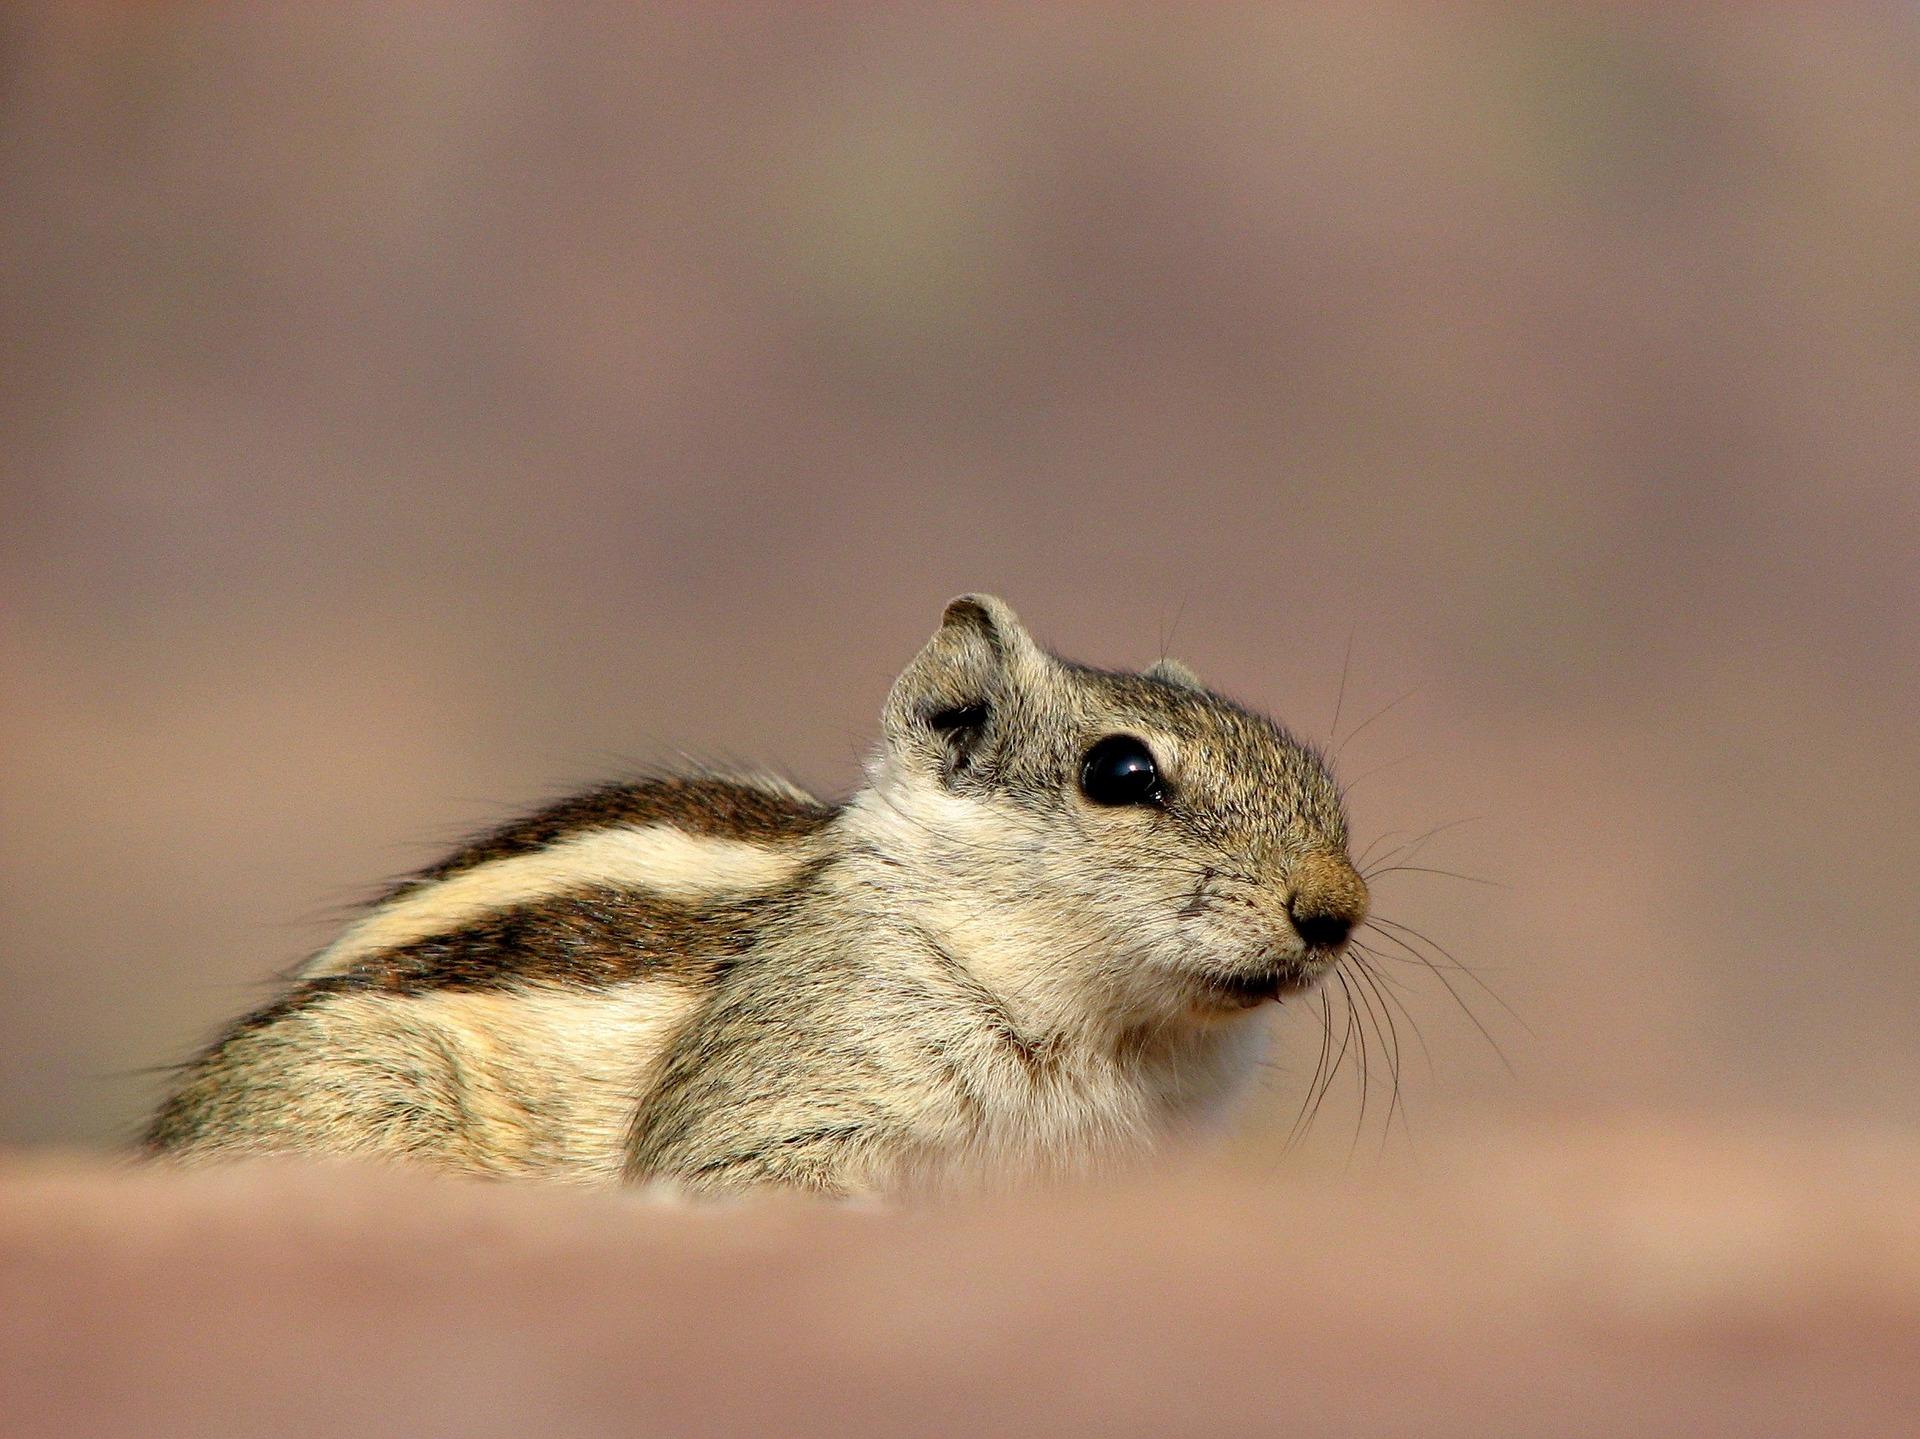 Wiewiórka domowa zyskuje na popularności. Coraz częściej spotkać ją można zamiast chomika czy świnki morskiej.